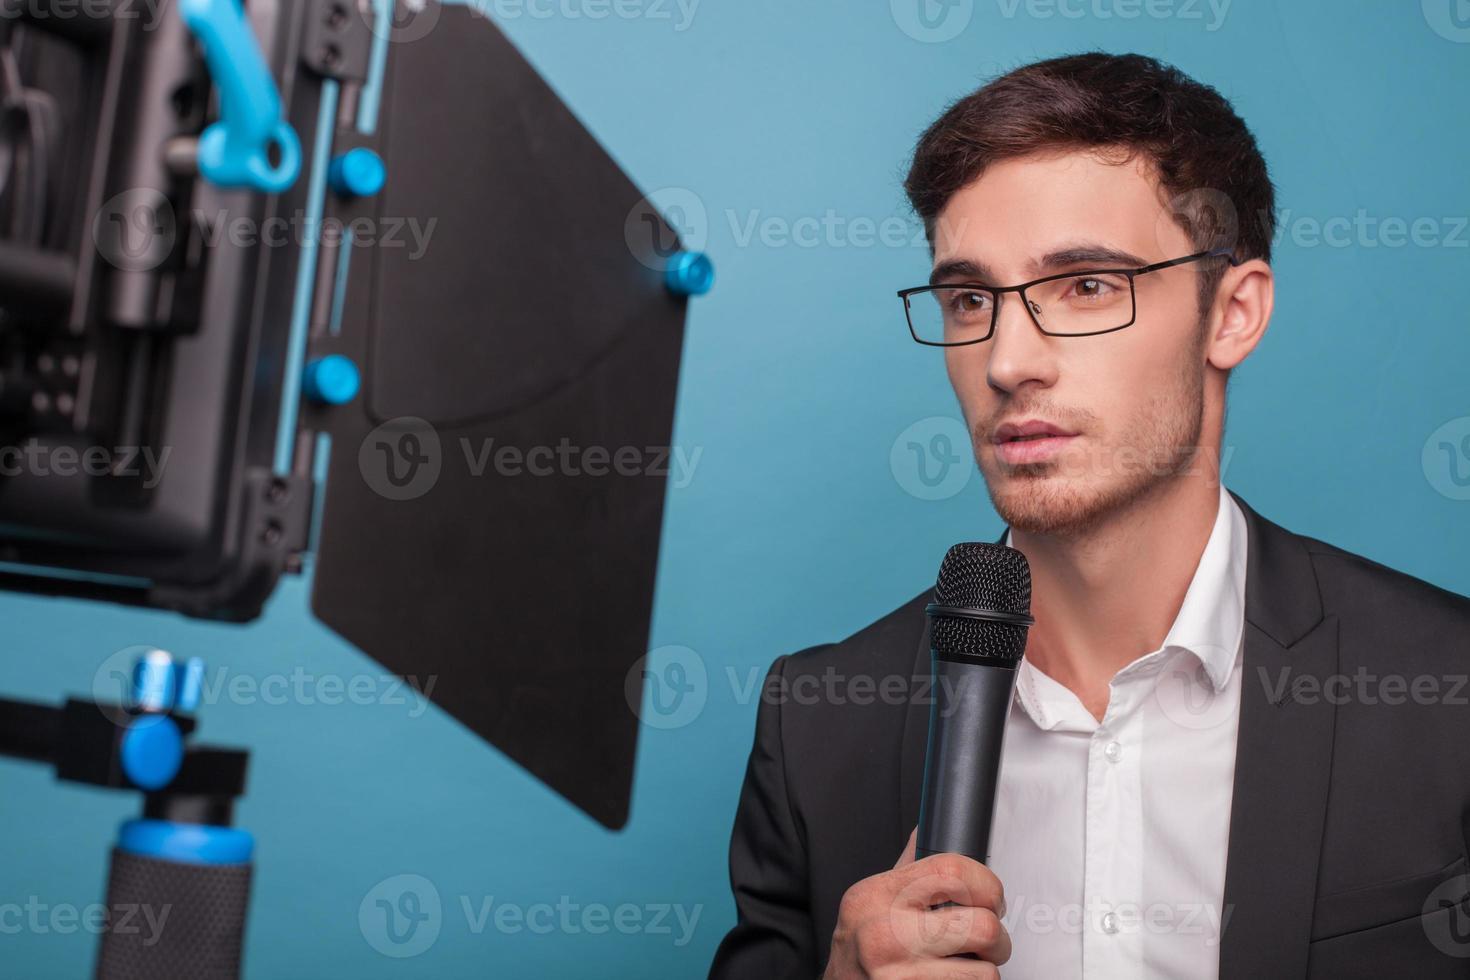 alegre jovem jornalista masculina está relatando com seriedade foto